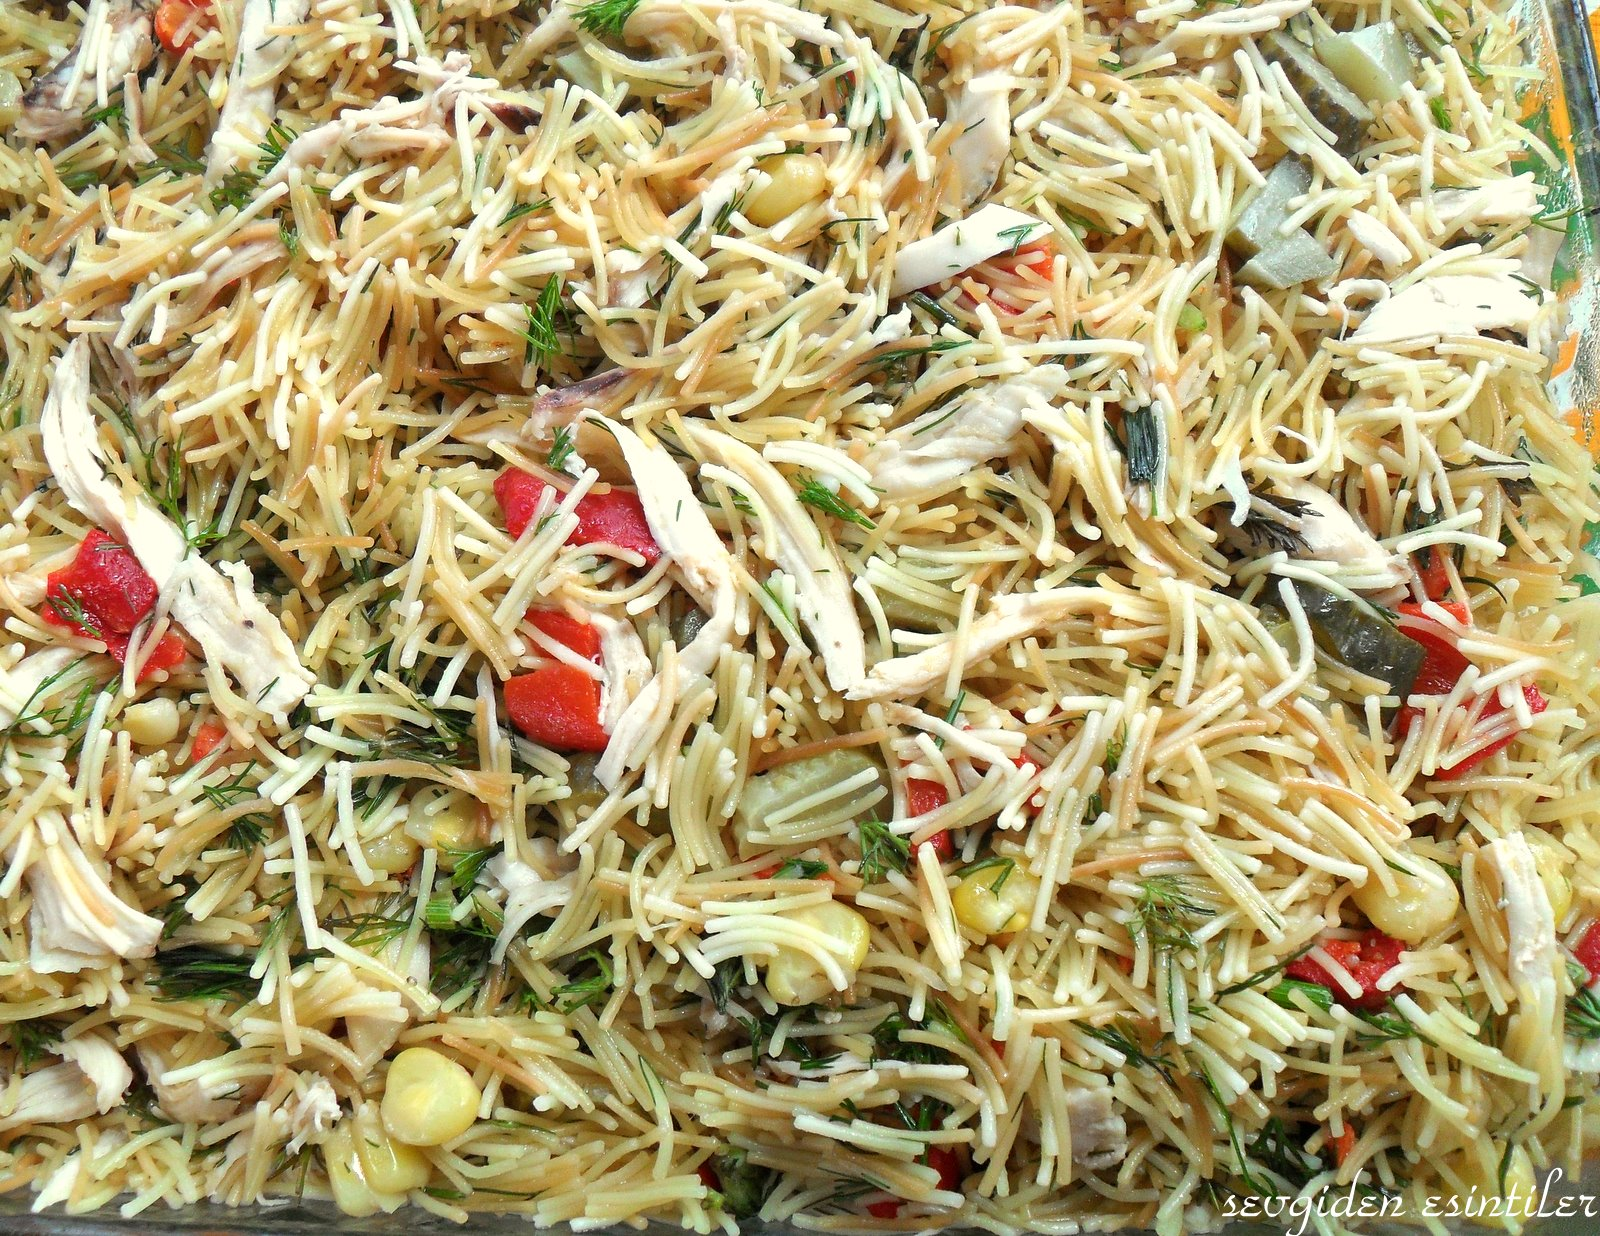 Meksika salatası tarifi resimli ile Etiketlenen Konular